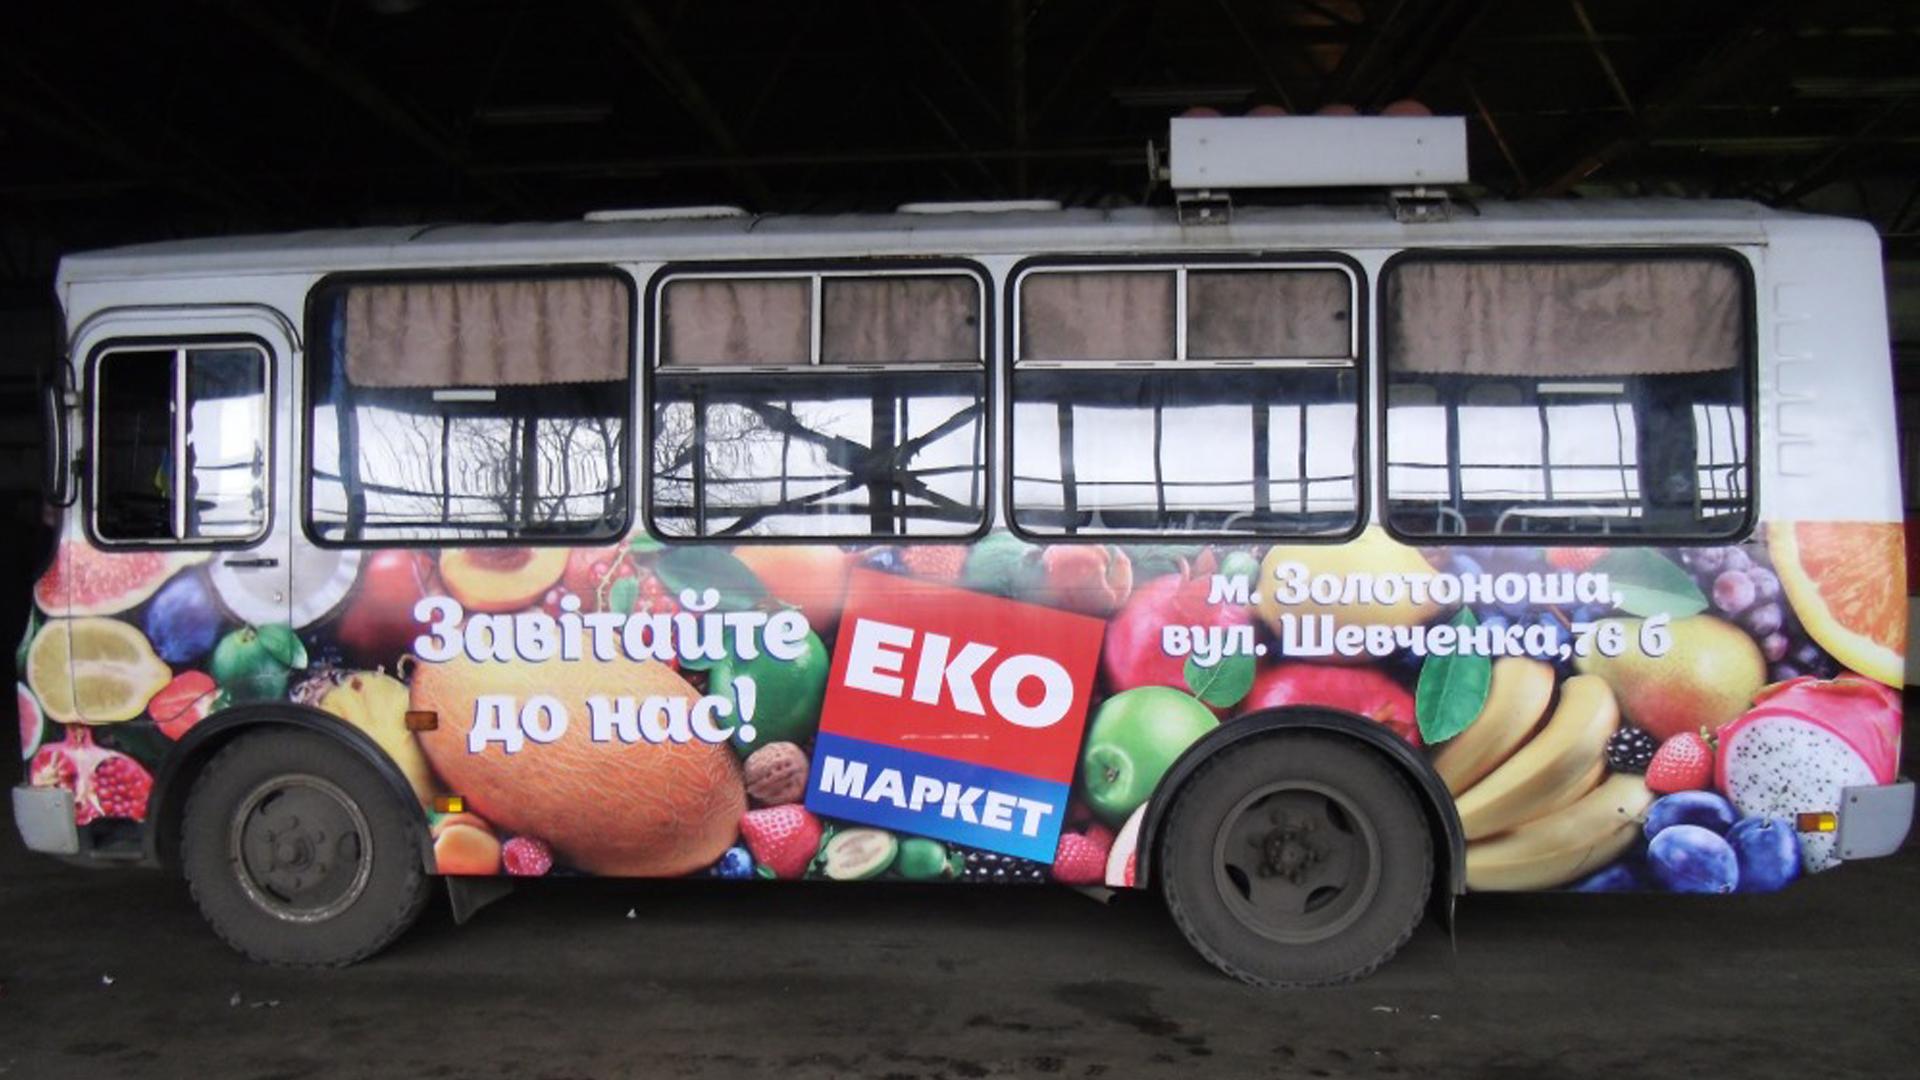 Брендирование общественного транспорта дешево черкассы